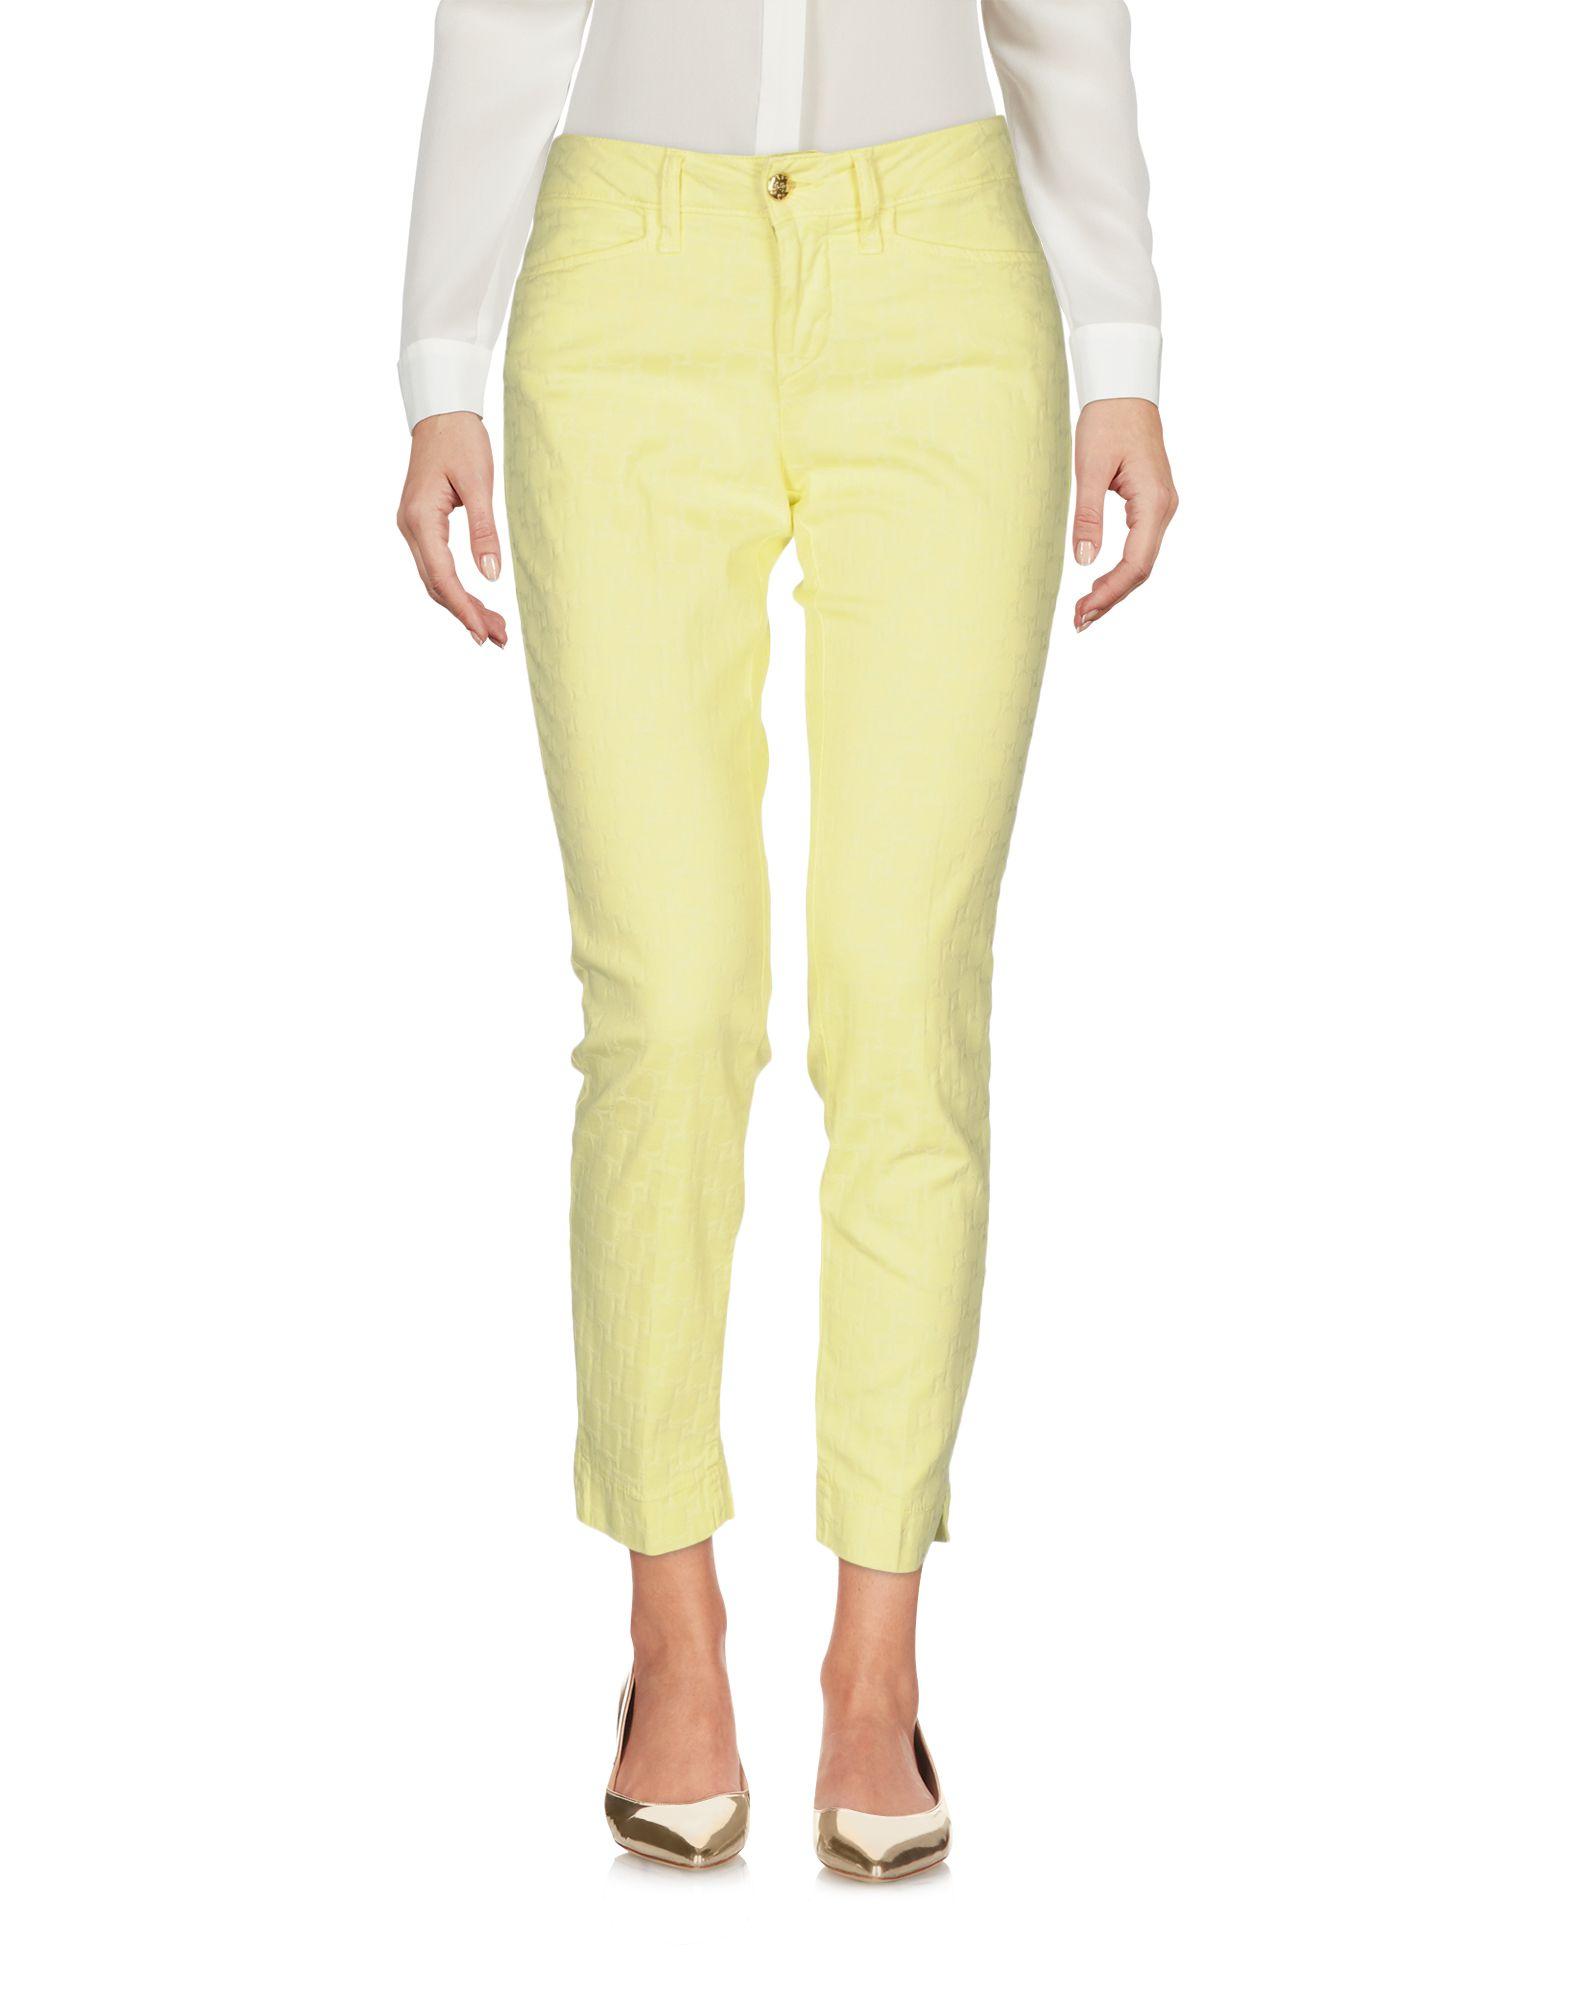 SHAFT DELUXE Damen Caprihose Farbe Gelb Größe 6 jetztbilligerkaufen